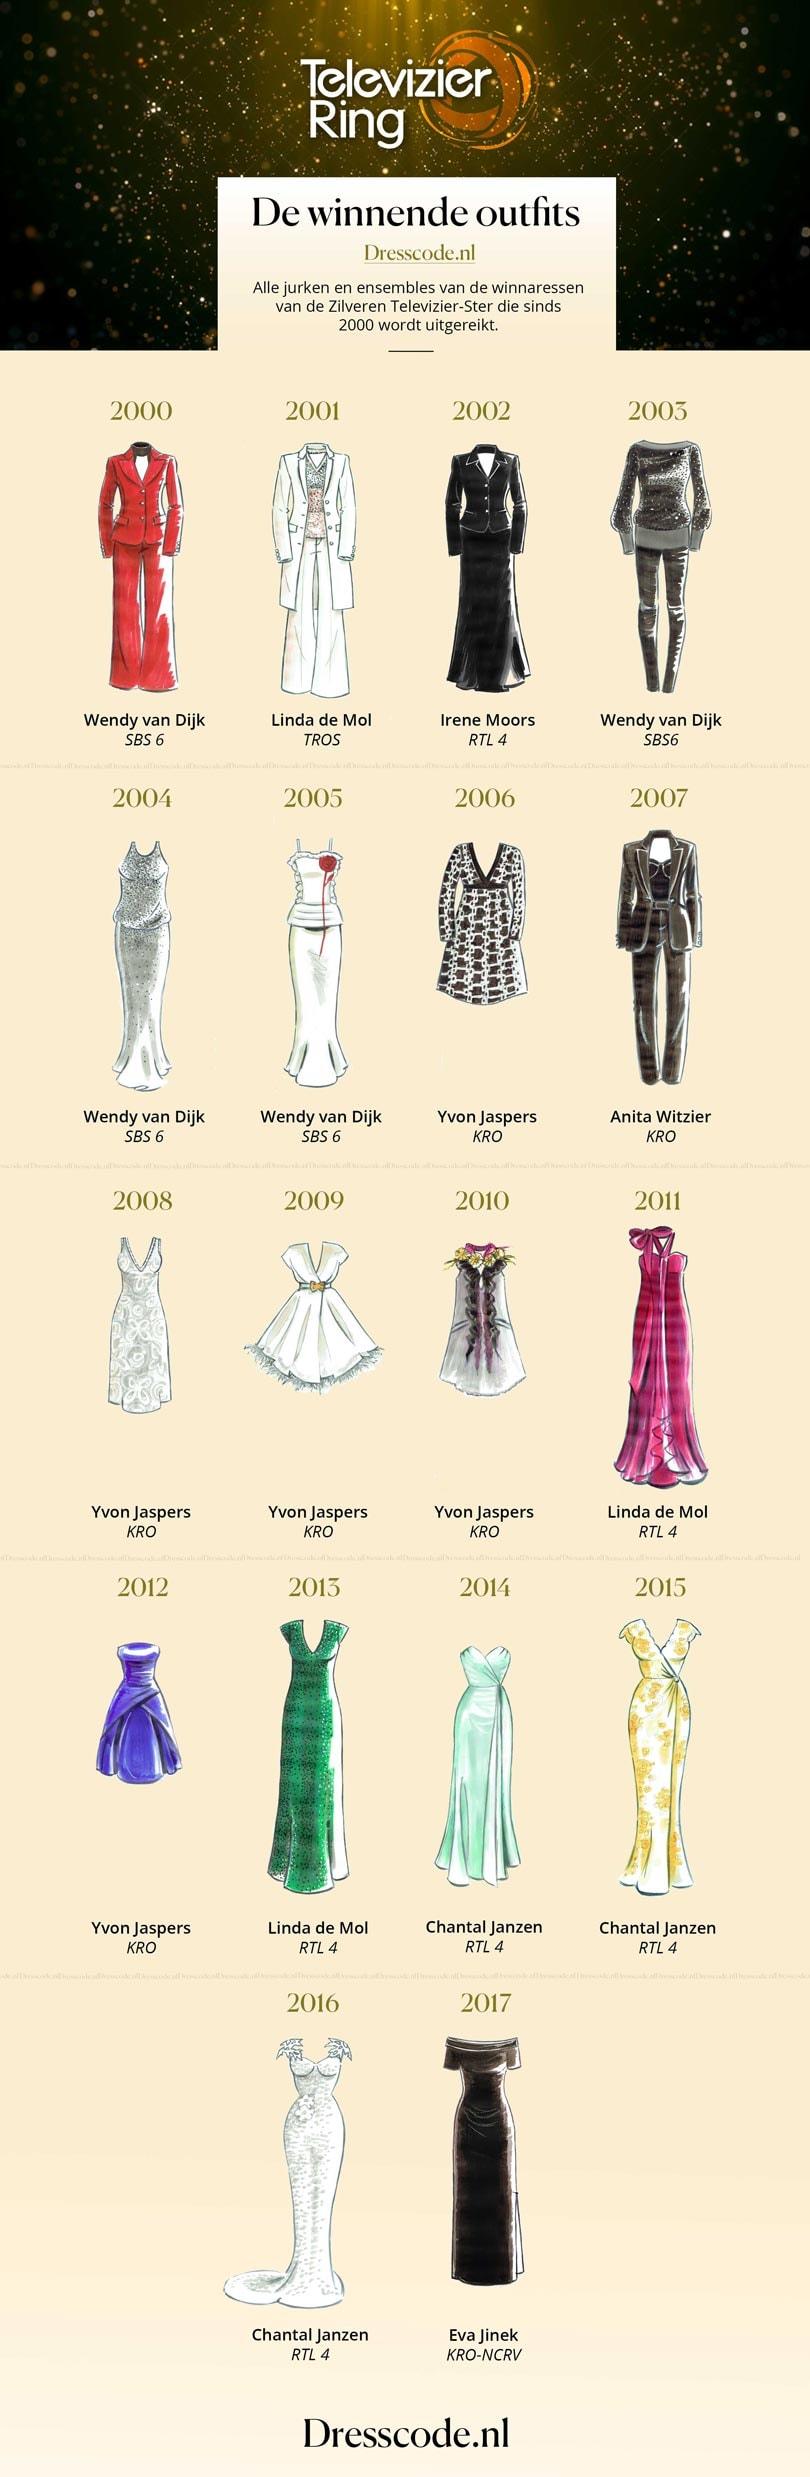 In beeld: alle jurken van de winnaressen van de Zilveren Televizier-Ster